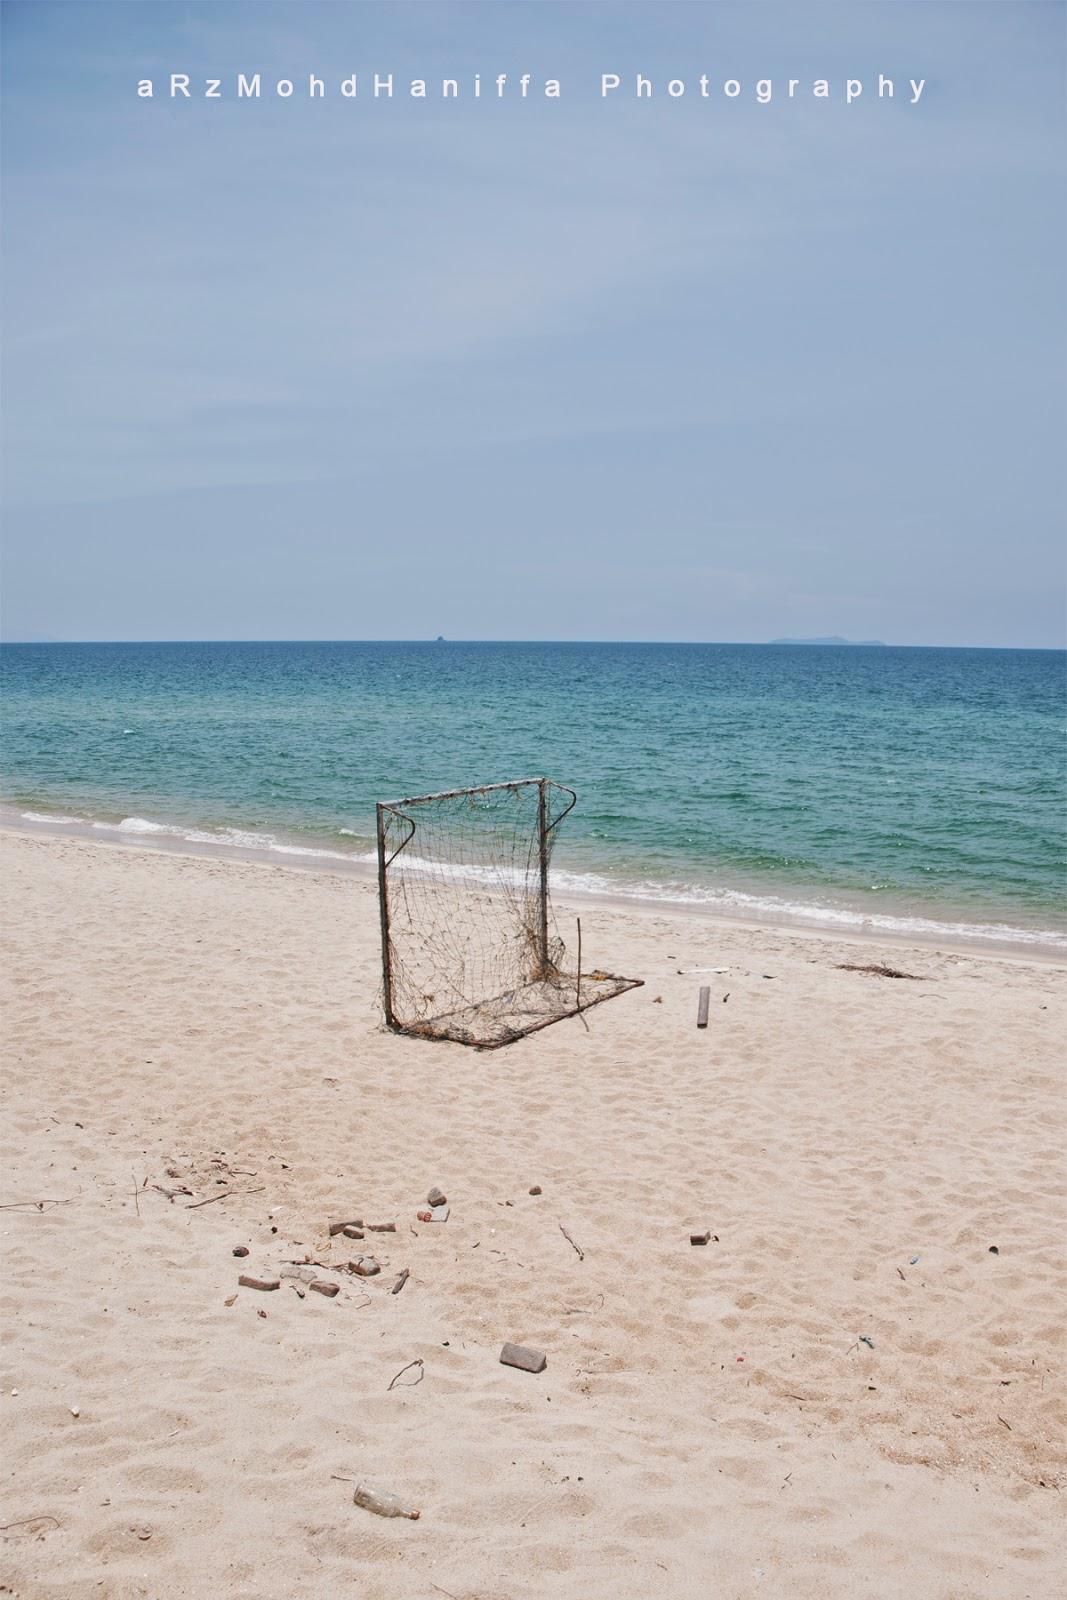 Pantai, penarik, terengganu, arzmohdhaniffa, gambar cantik, pantai penarik, pantai penarik kuala terengganu, gambar pantai cantik, pantai cantik di malaysia,